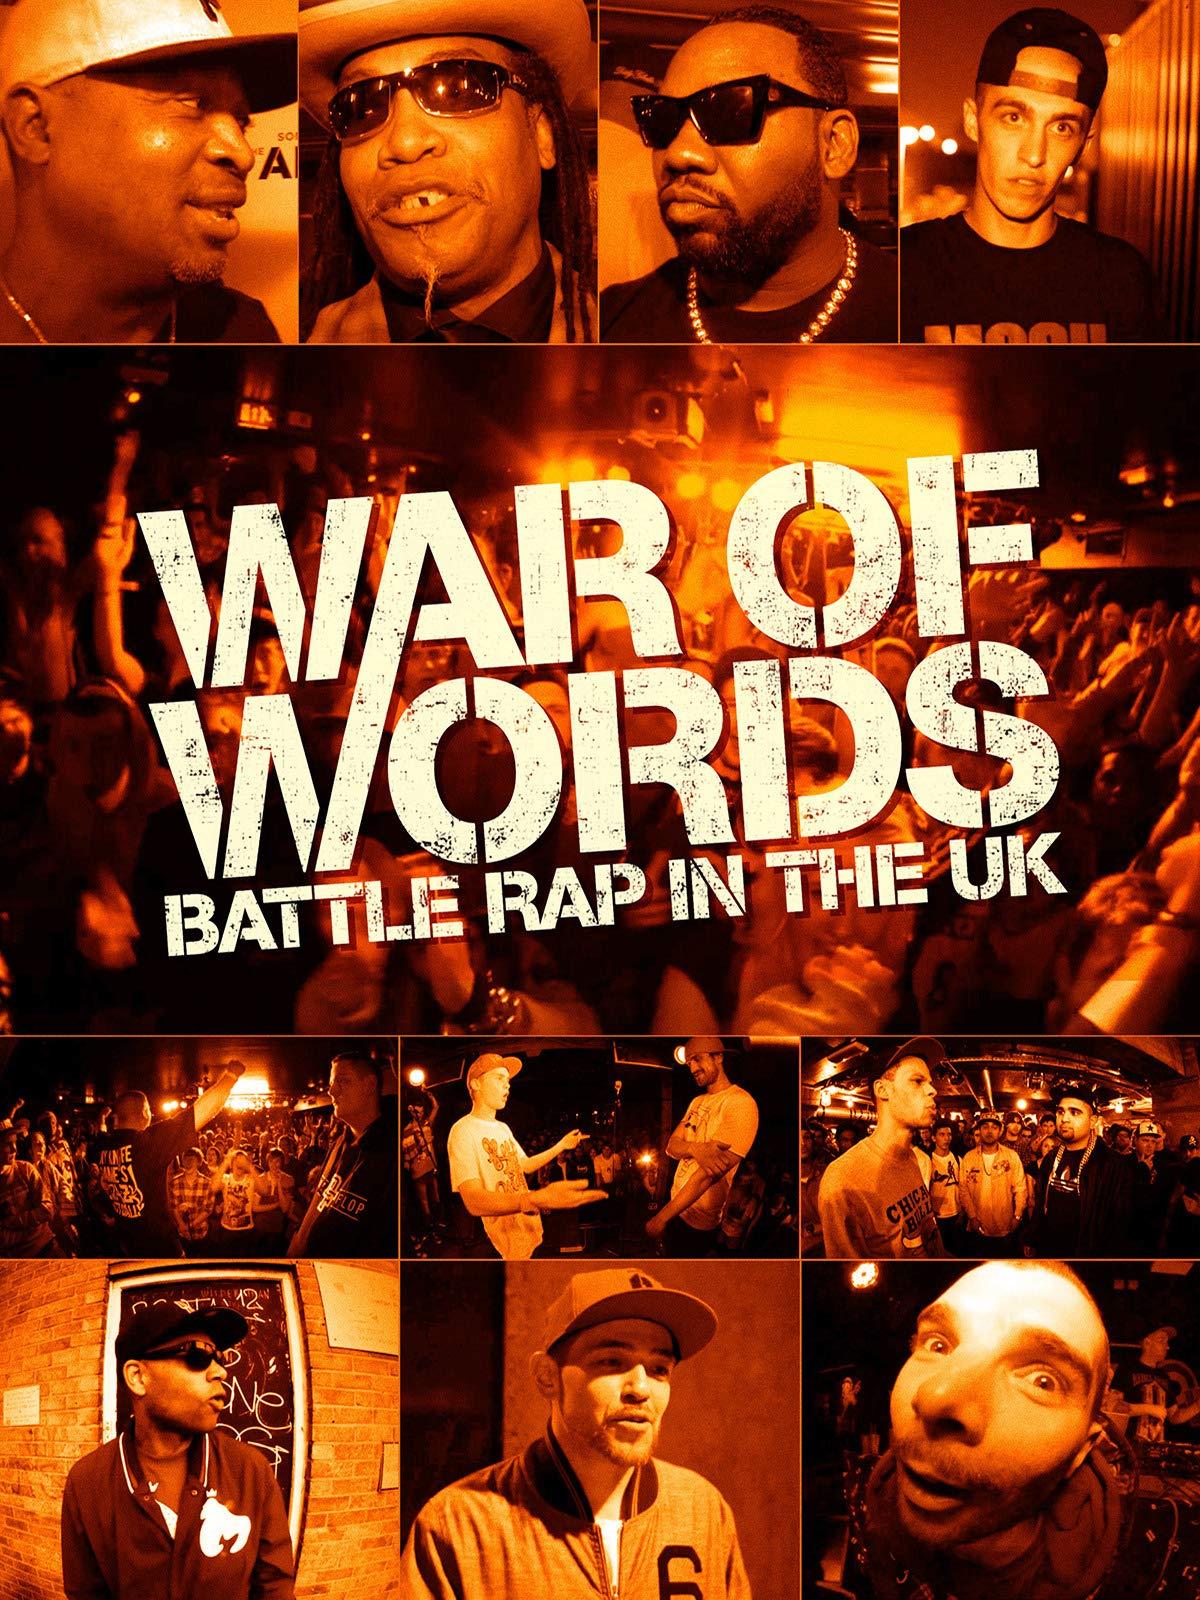 War of Words - Battle Rap in the UK